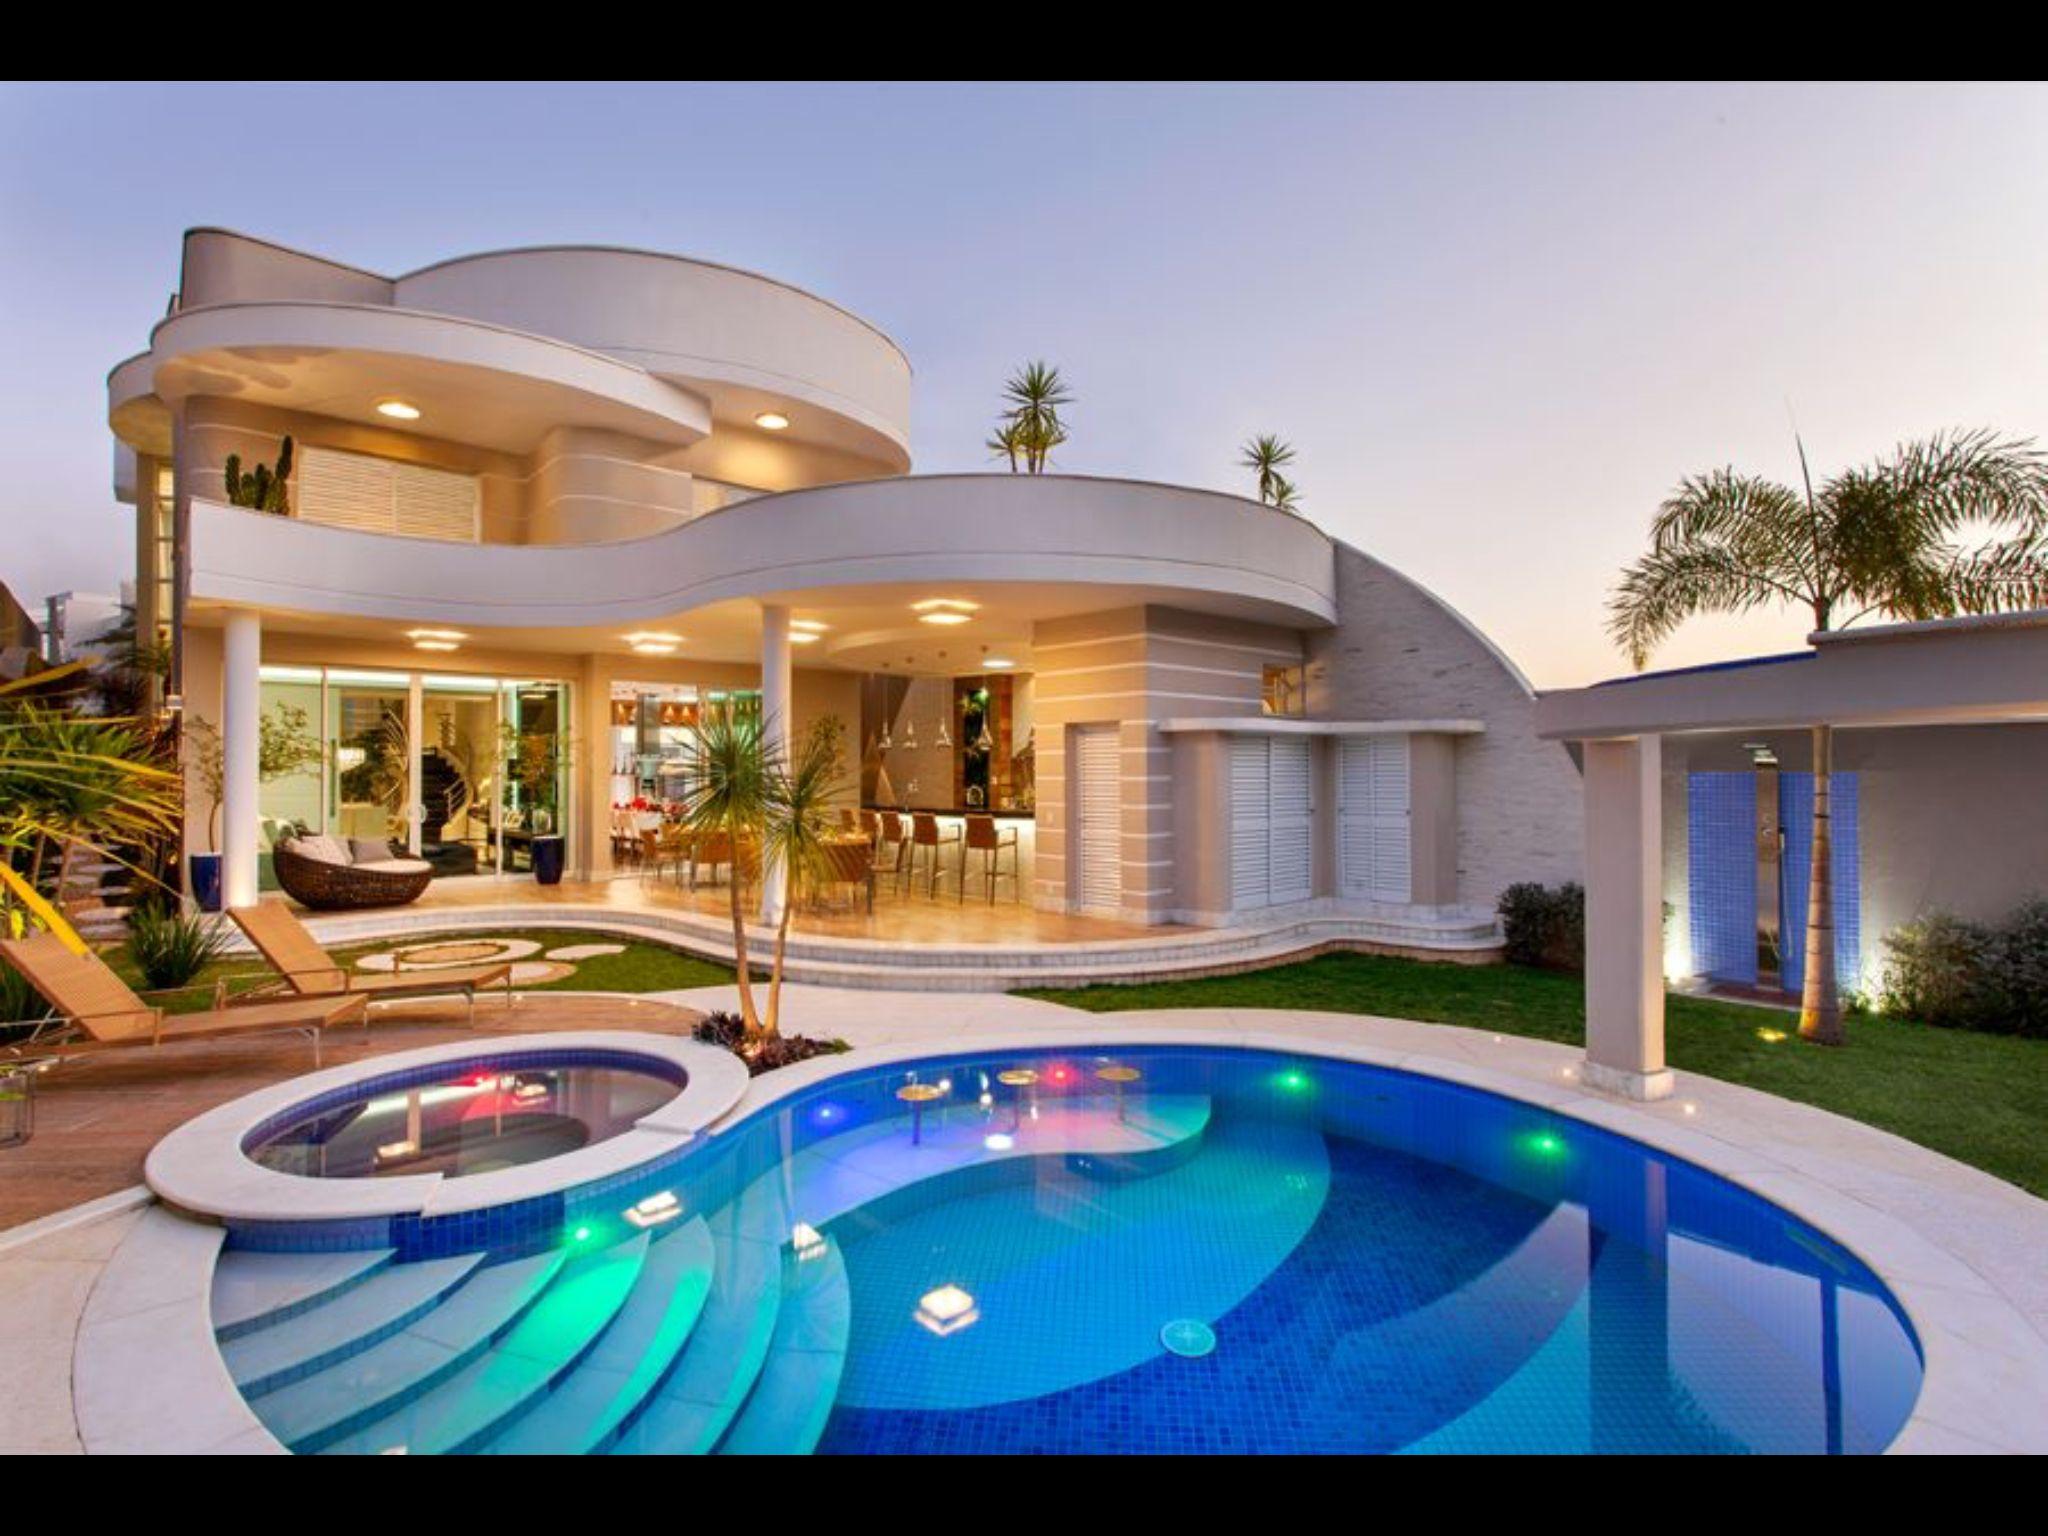 Pin de norma nava en garden pinterest piscinas casas for Mansiones modernas